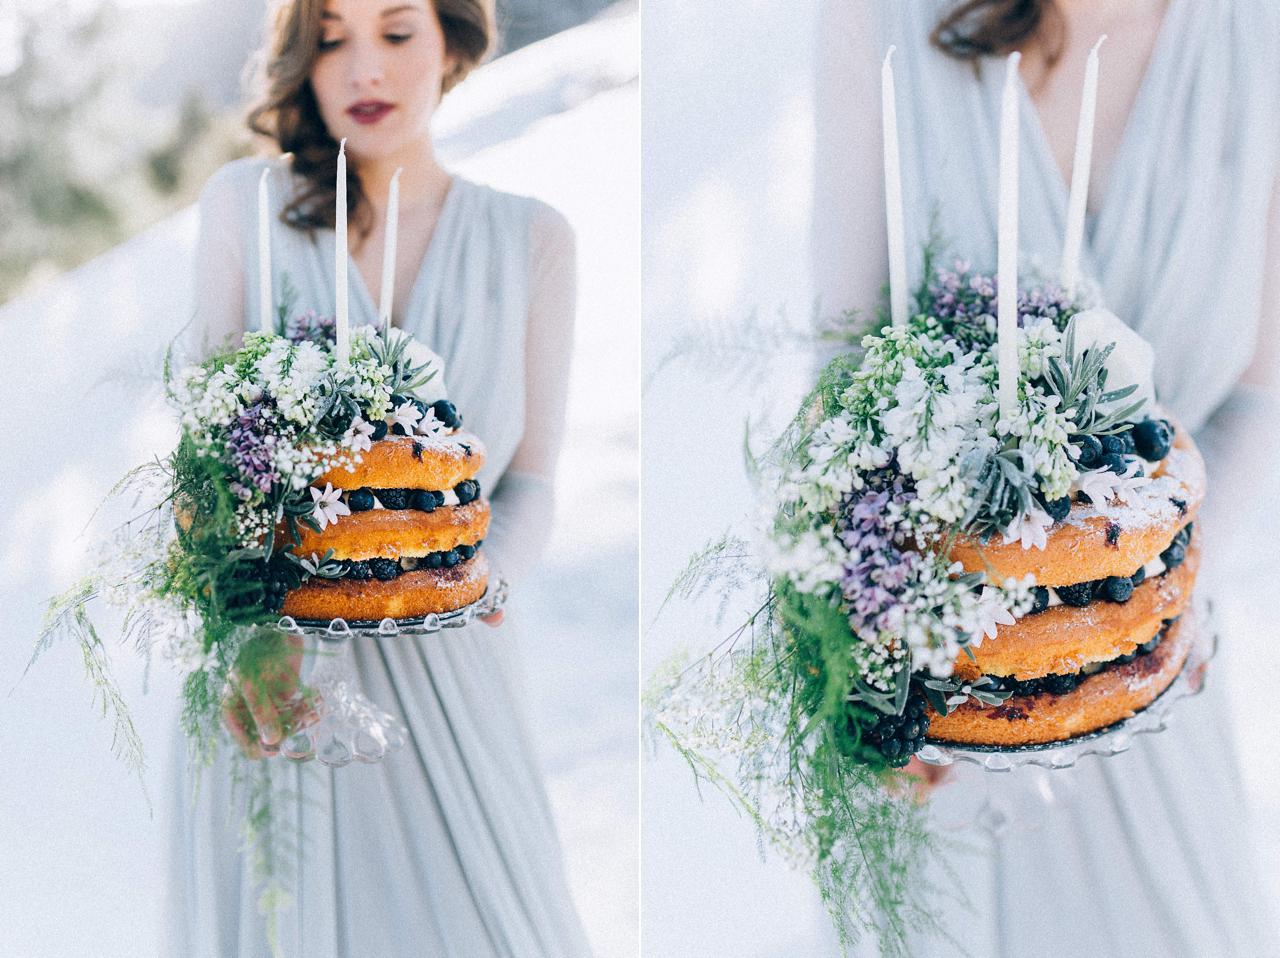 Eine Braut hält eine Beerentorte